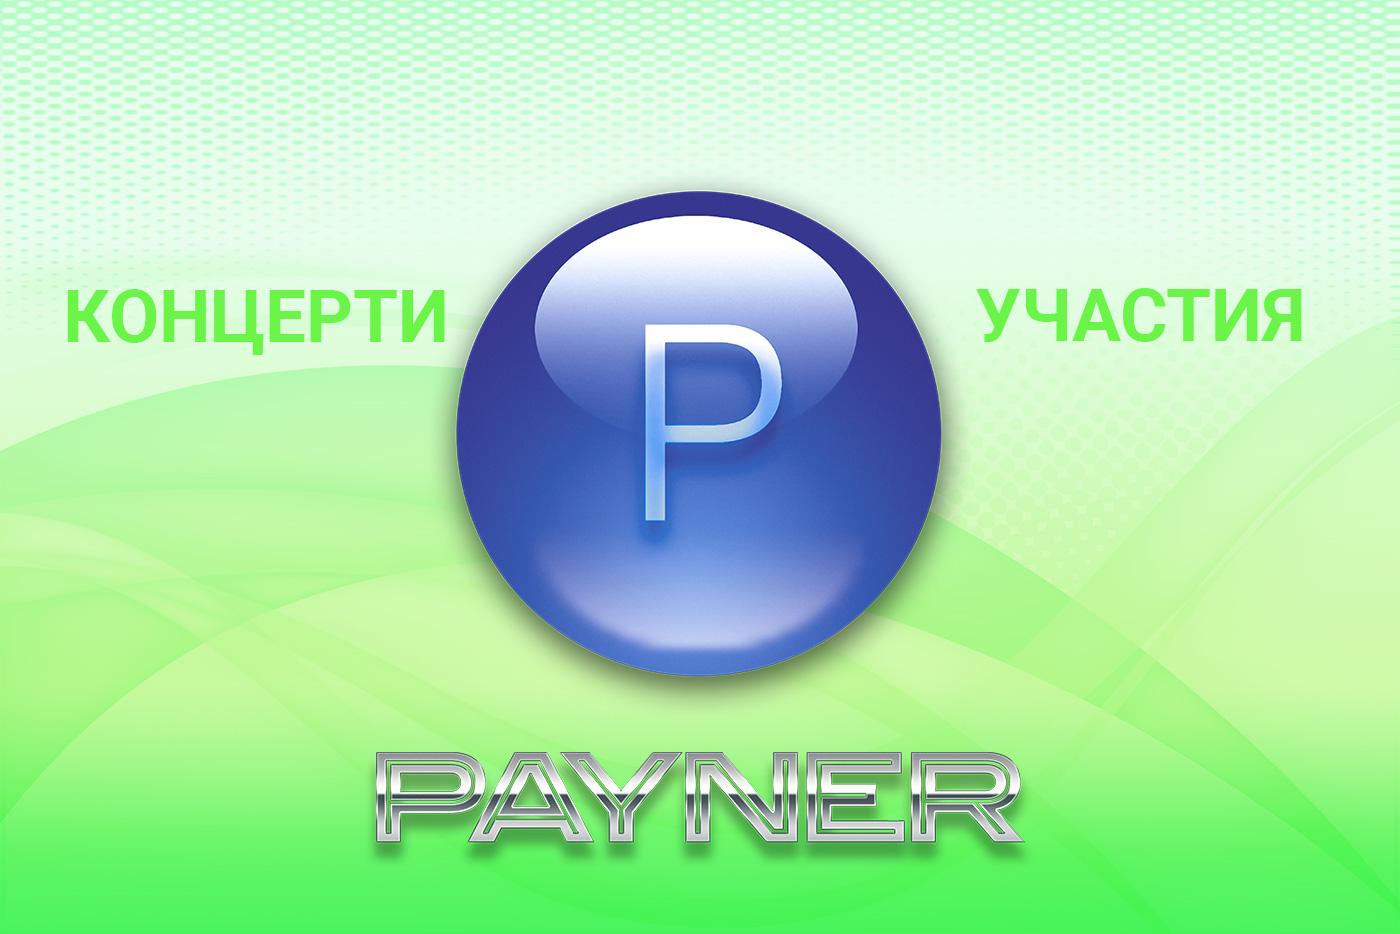 """Участия на звездите на """"Пайнер"""" на 20.12.2018"""